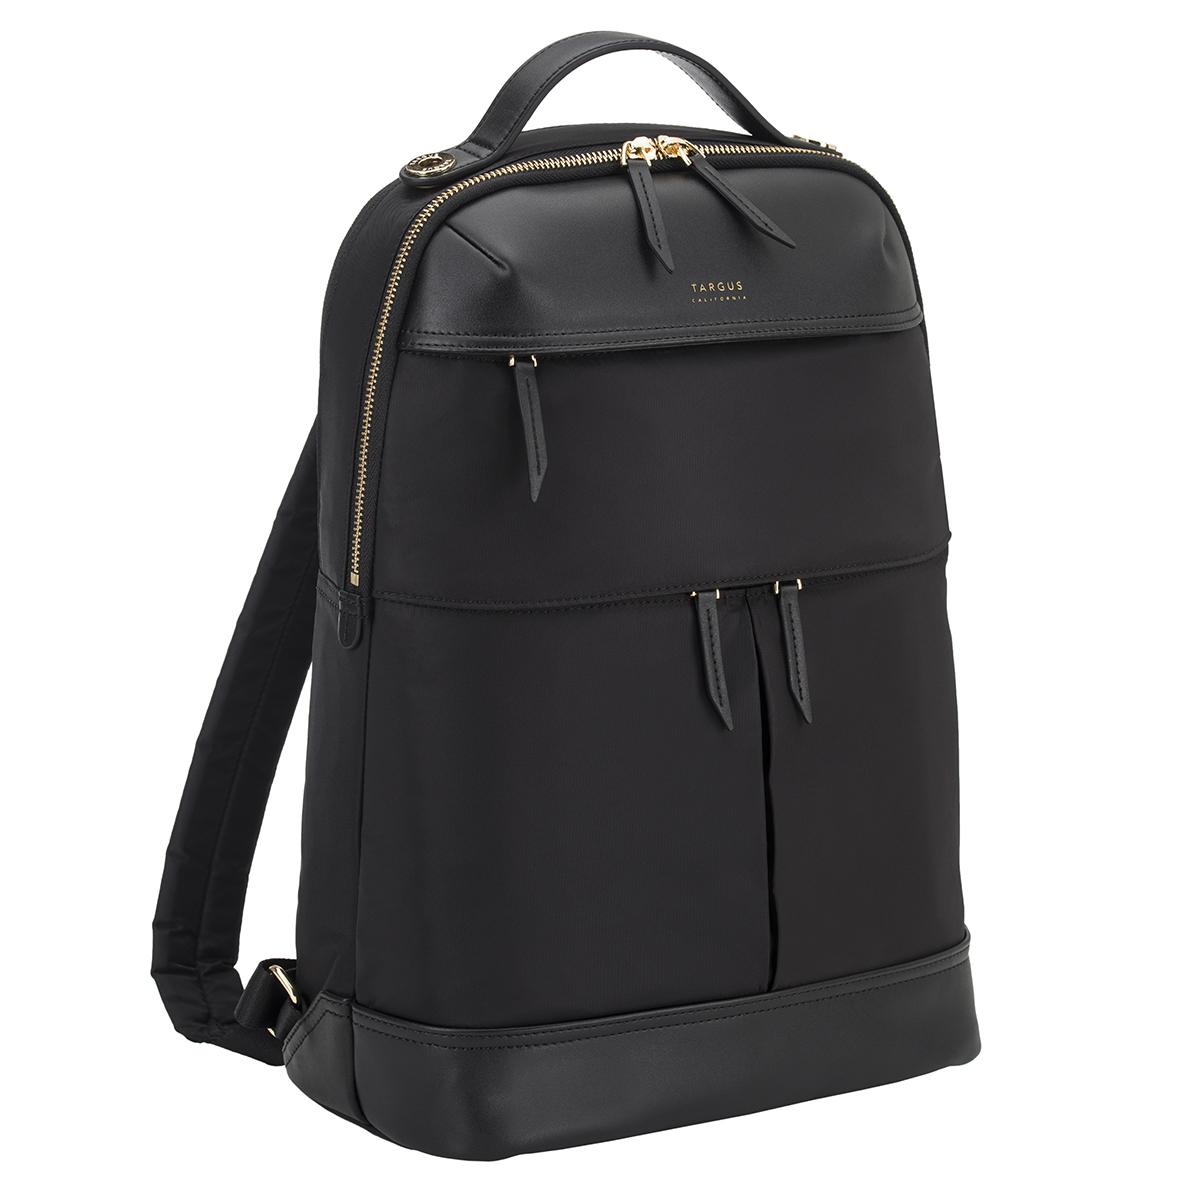 타거스 고급 여성 뉴포트 노트북 백팩 TSB945GL, 블랙